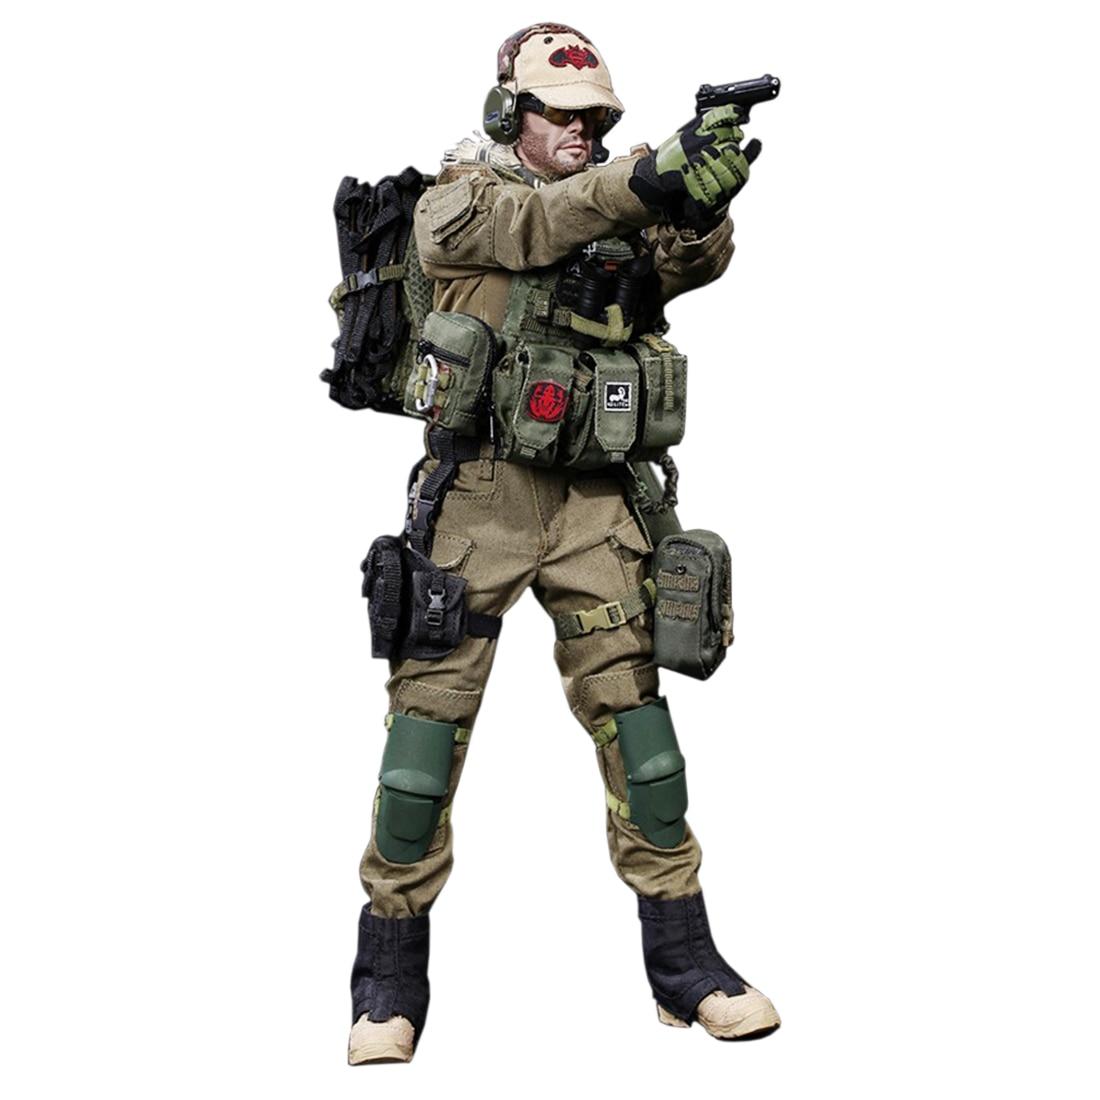 MODIKER 30 cm 1/6 Forces spéciales figurine mobile soldat militaire modèle figurines Action et jouet